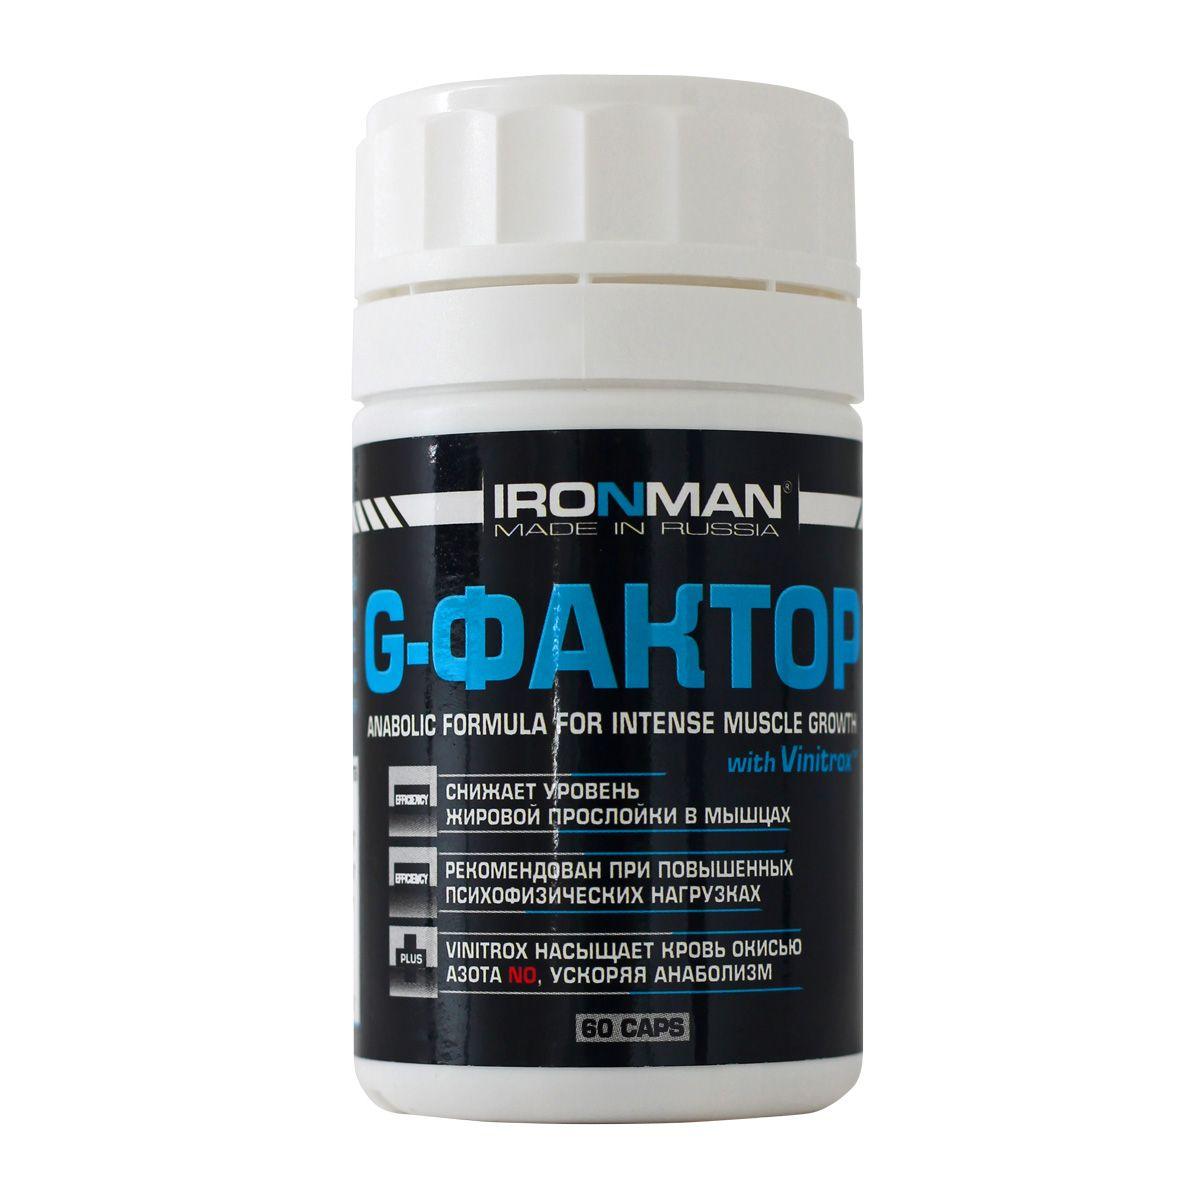 Ironman Джи-фактор, 60 капсул4607062750278Гроус Фактор (G-Фактор) - это смесь L-орнитина, L-аргинина и L-лизина. Эти аминокислоты, взятые в специальном соотношении, при интенсивной силовой нагрузке эффективно стимулируют выработку гипофизом соматотропного гормона (гормона роста), что в свою очередь приводит к снижению уровня жировой прослойки в мышцах и росту мускулатуры. Кроме того, G-Фактор стимулирует иммунную систему, центральную нервную систему, снижает утомляемость, улучшает обмен в опорно-двигательном аппарате (связках, костях). Состав: L-орнитин 420мг, L-аргинин 140мг, L-лизин 40 мг